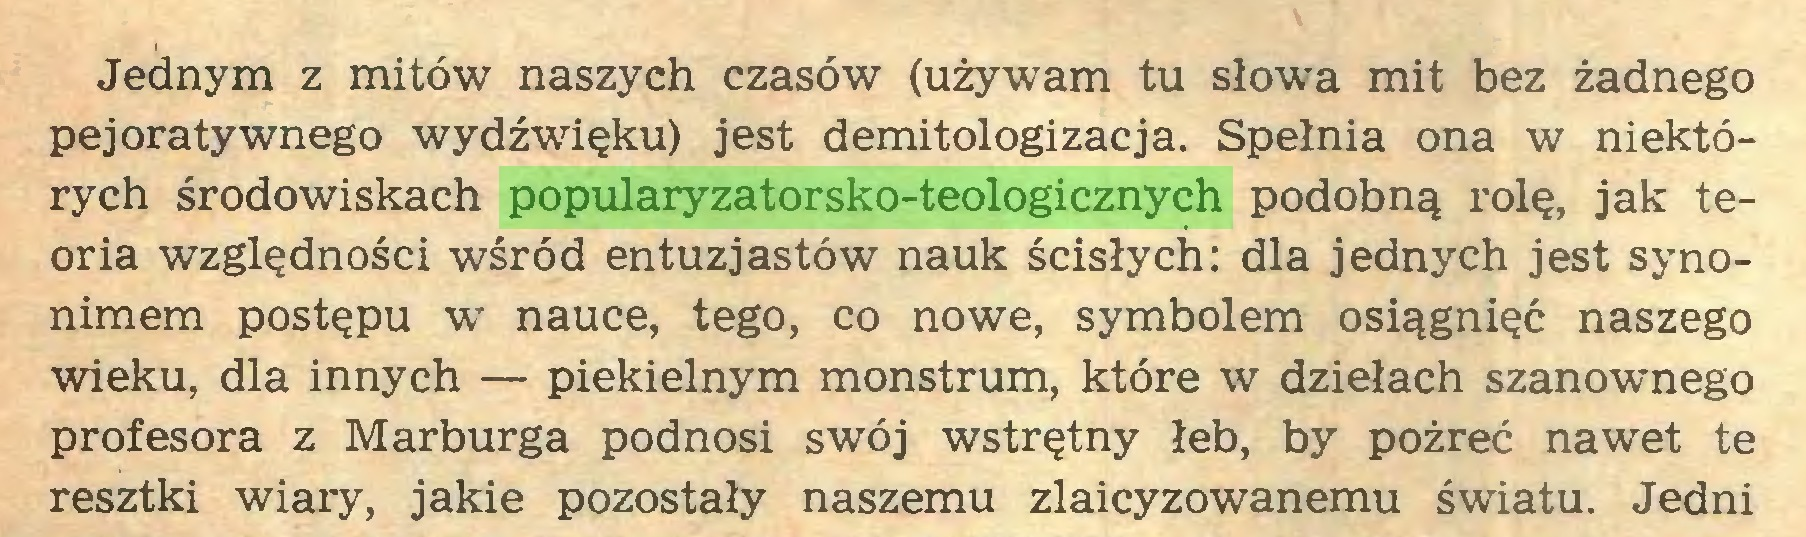 (...) Jednym z mitów naszych czasów (używam tu słowa mit bez żadnego pejoratywnego wydźwięku) jest demitologizacja. Spełnia ona w niektórych środowiskach popularyzatorsko-teologicznych podobną rolę, jak teoria względności wśród entuzjastów nauk ścisłych: dla jednych jest synonimem postępu w nauce, tego, co nowe, symbolem osiągnięć naszego wieku, dla innych — piekielnym monstrum, które w dziełach szanownego profesora z Marburga podnosi swój wstrętny łeb, by pożreć nawet te resztki wiary, jakie pozostały naszemu zlaicyzowanemu światu. Jedni...